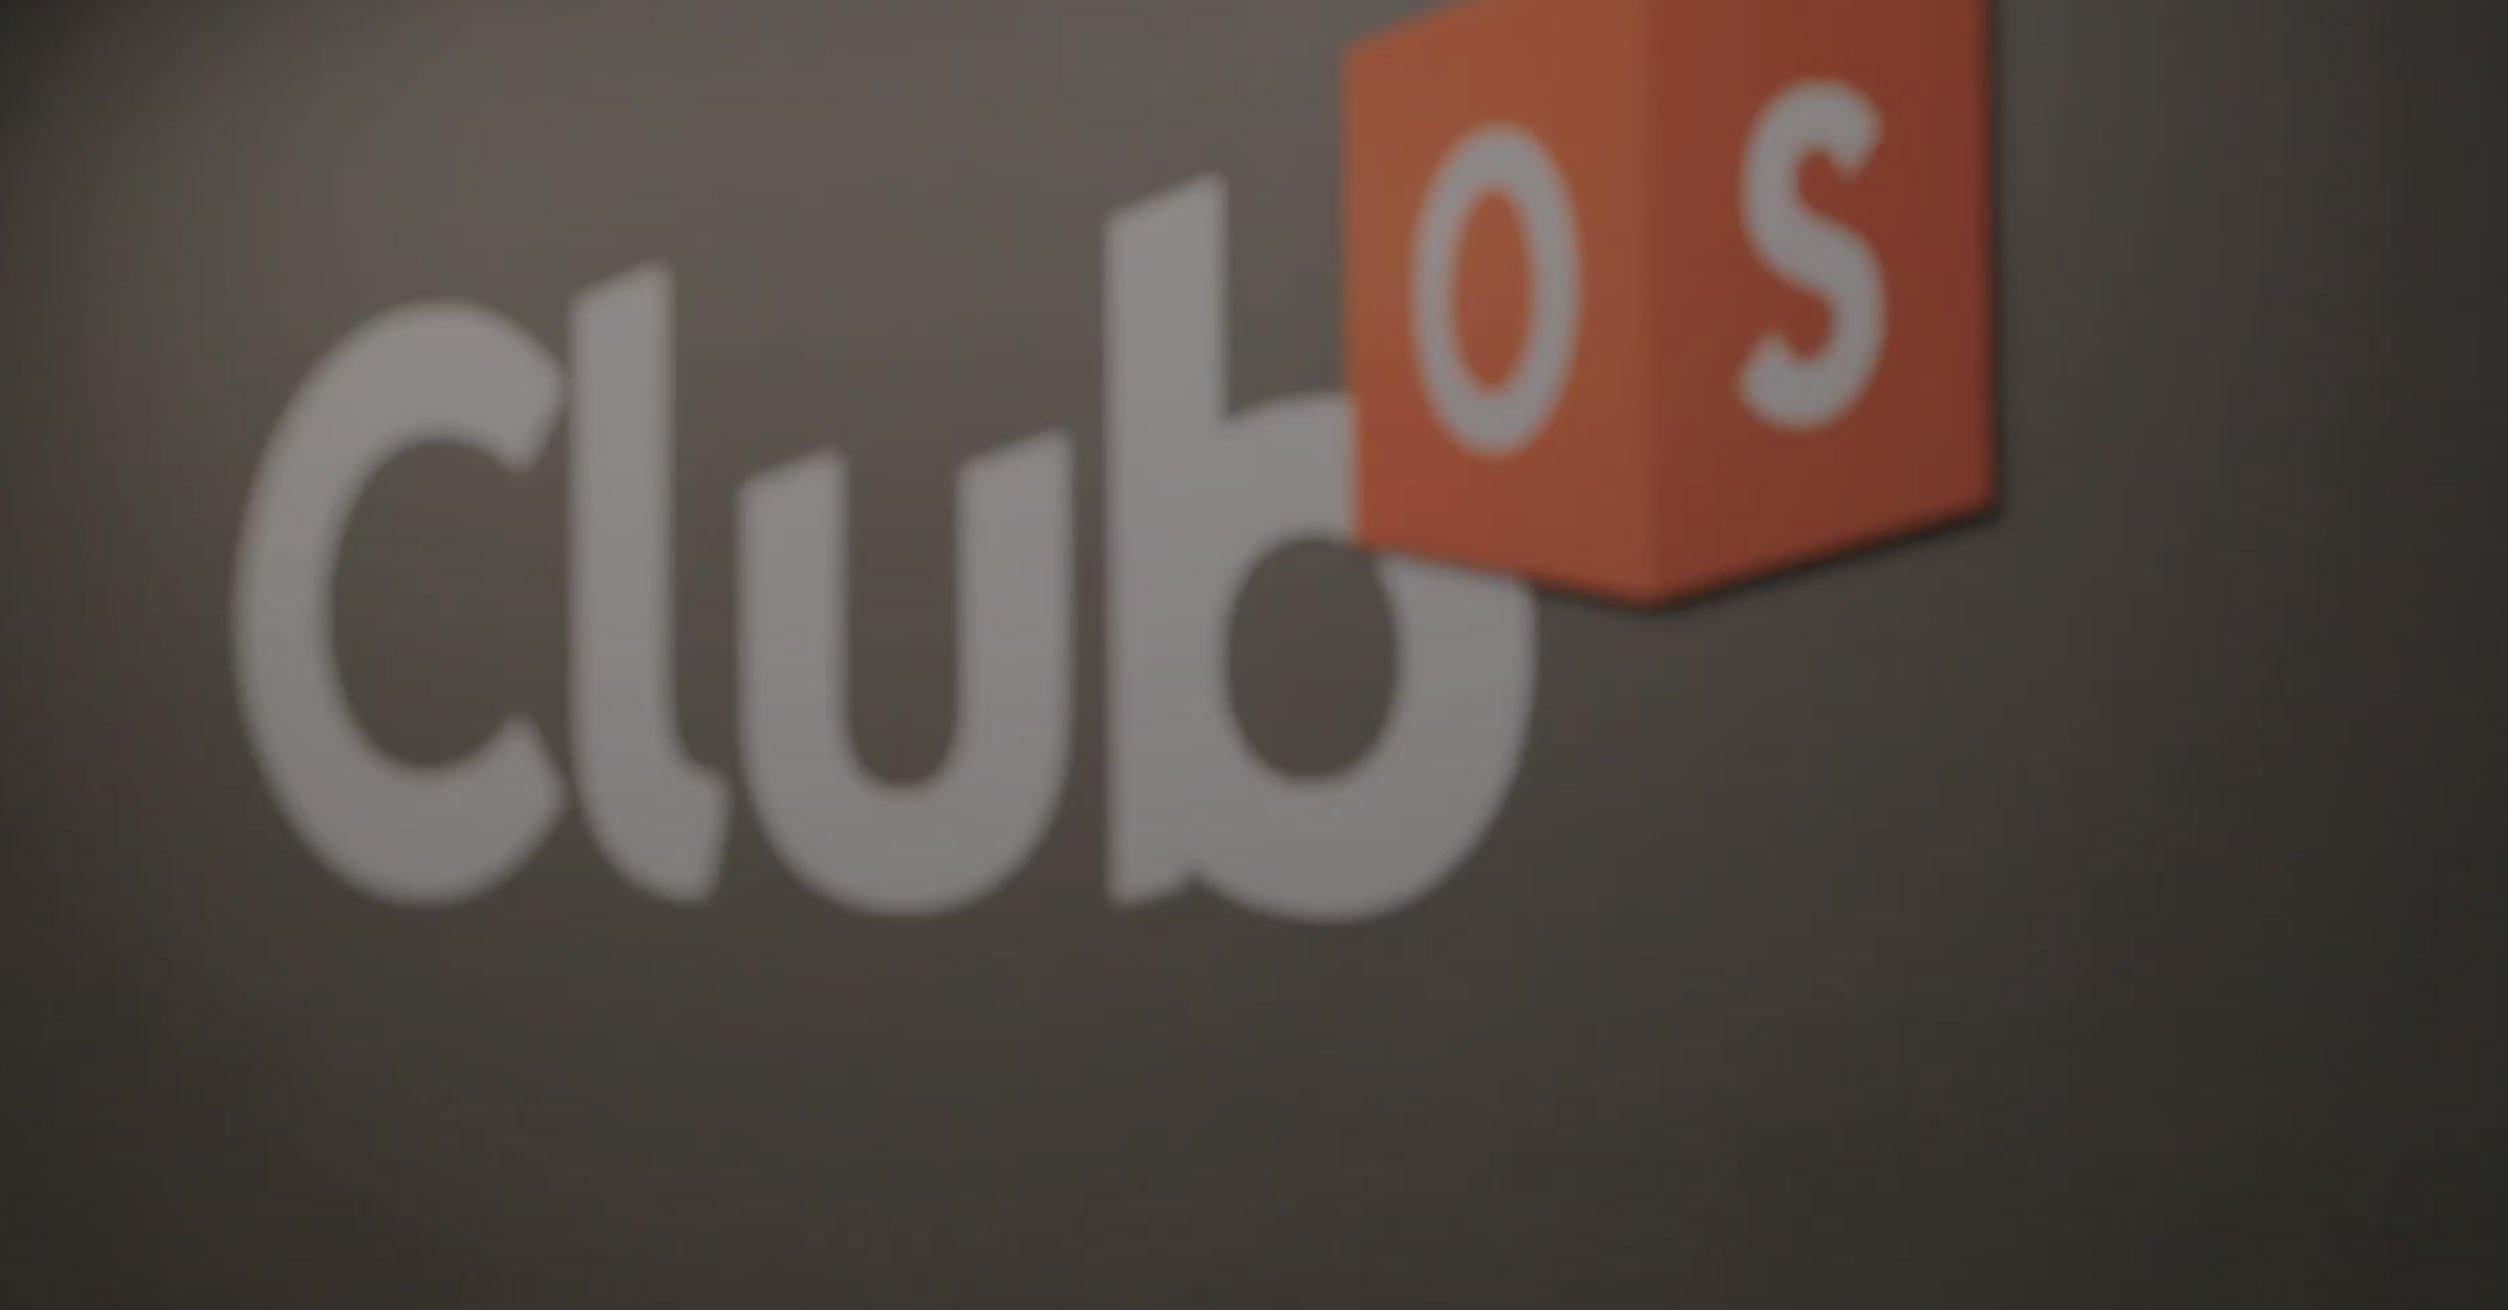 Gym and Studio Management Software - Club OS